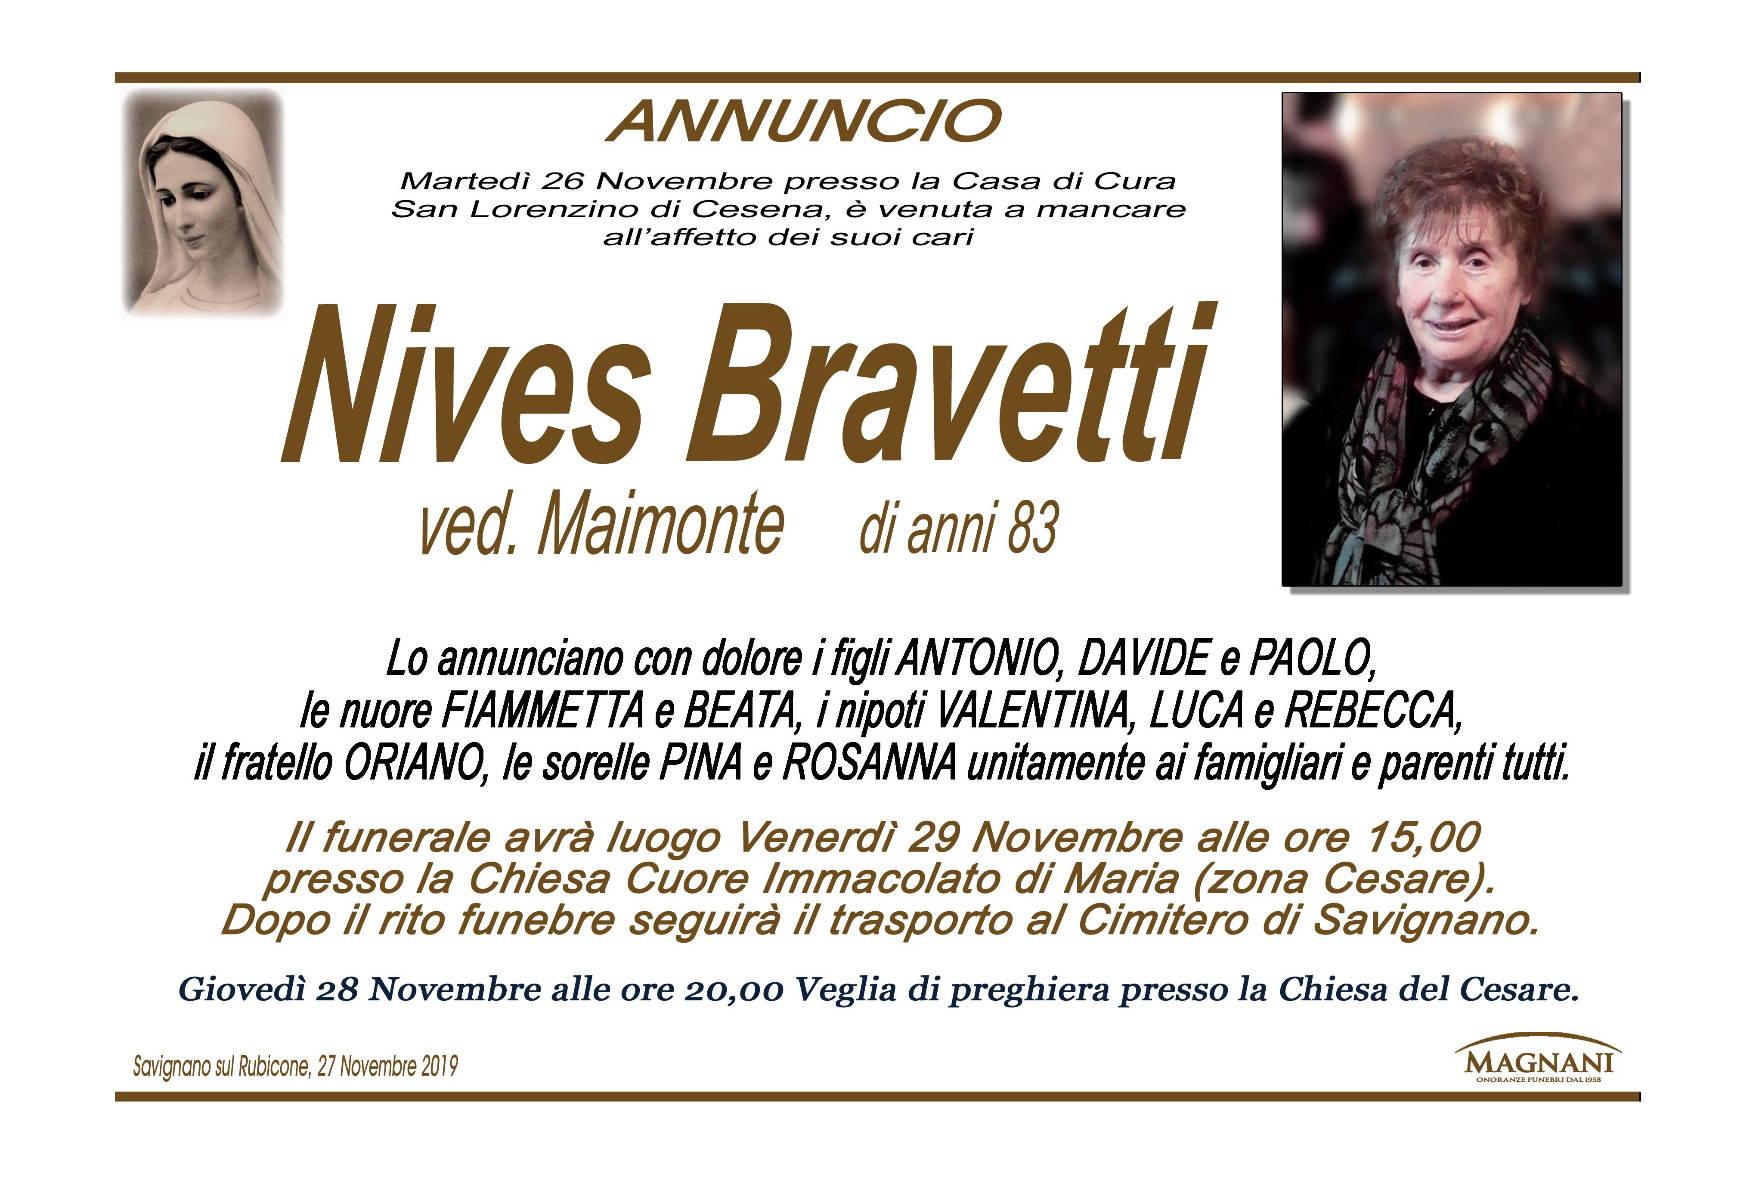 Nives Bravetti